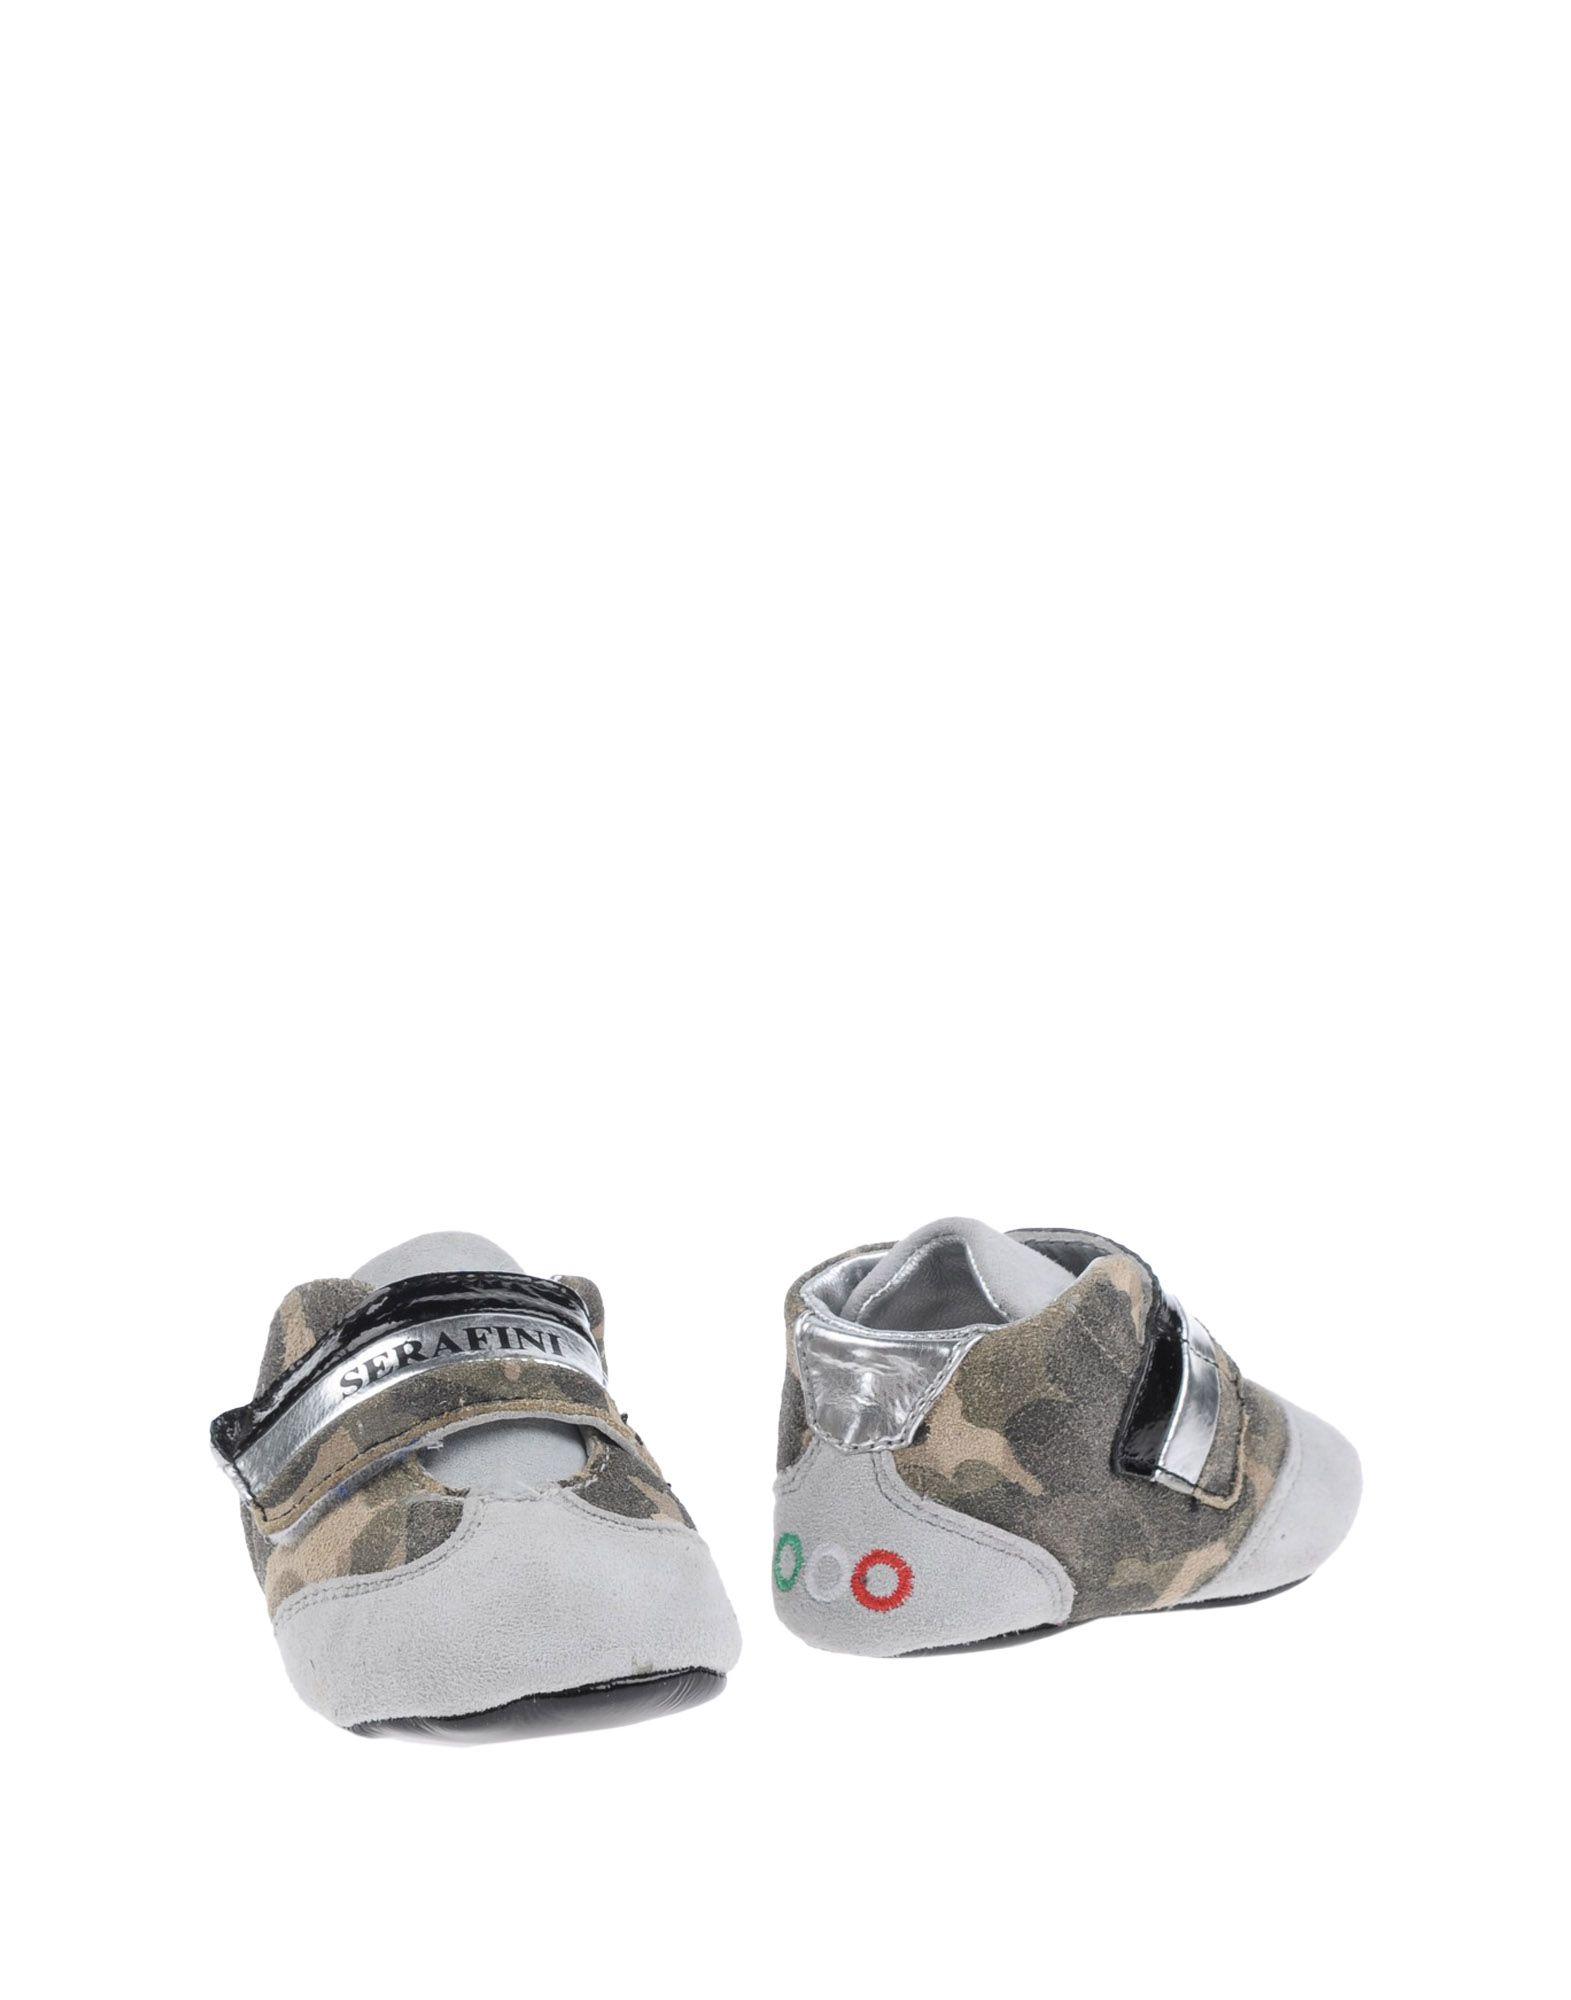 SERAFINI Обувь для новорожденных